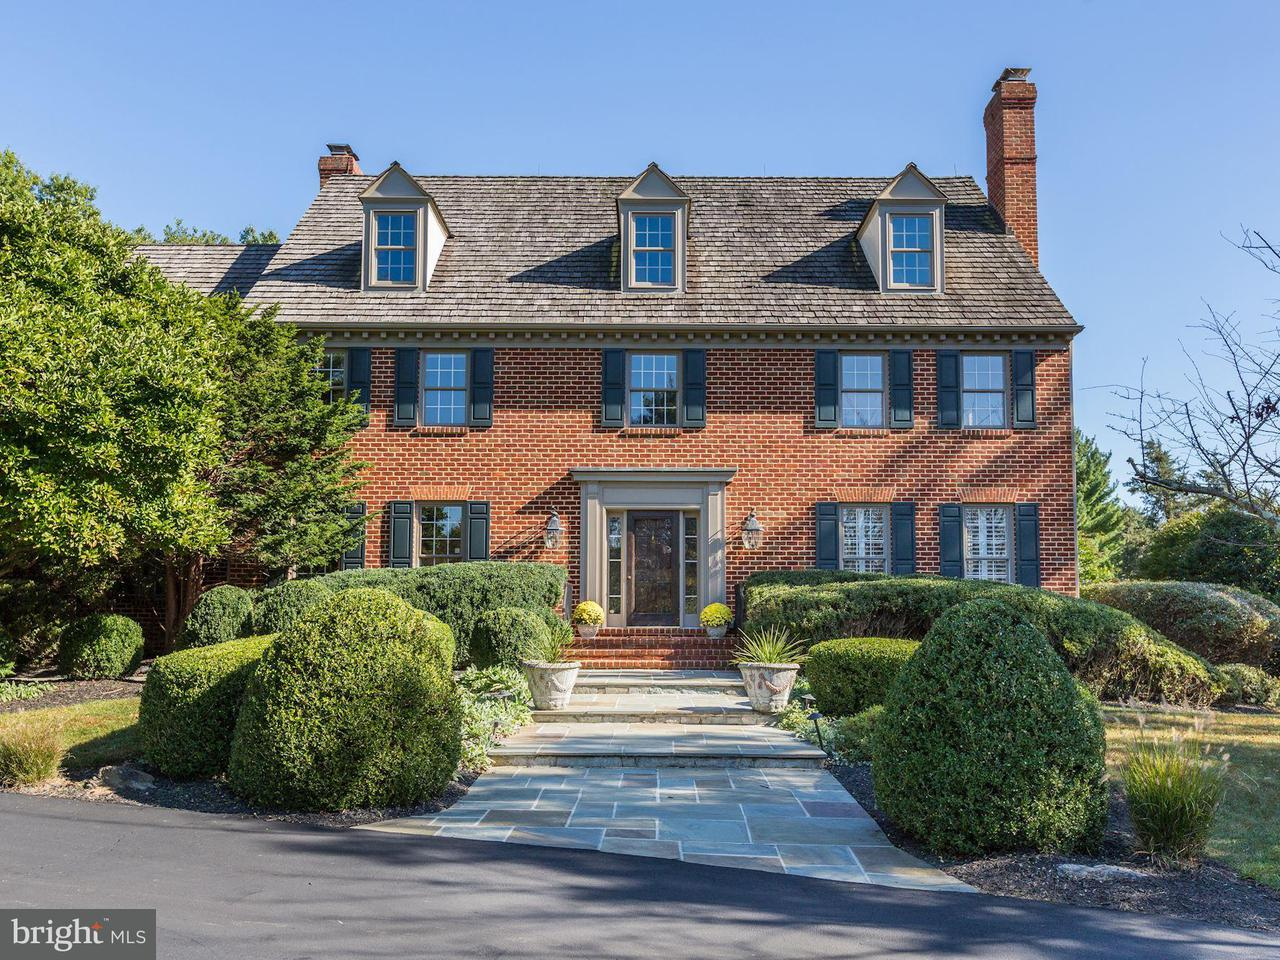 独户住宅 为 销售 在 13601 STONEBARN Lane 13601 STONEBARN Lane North Potomac, 马里兰州 20878 美国